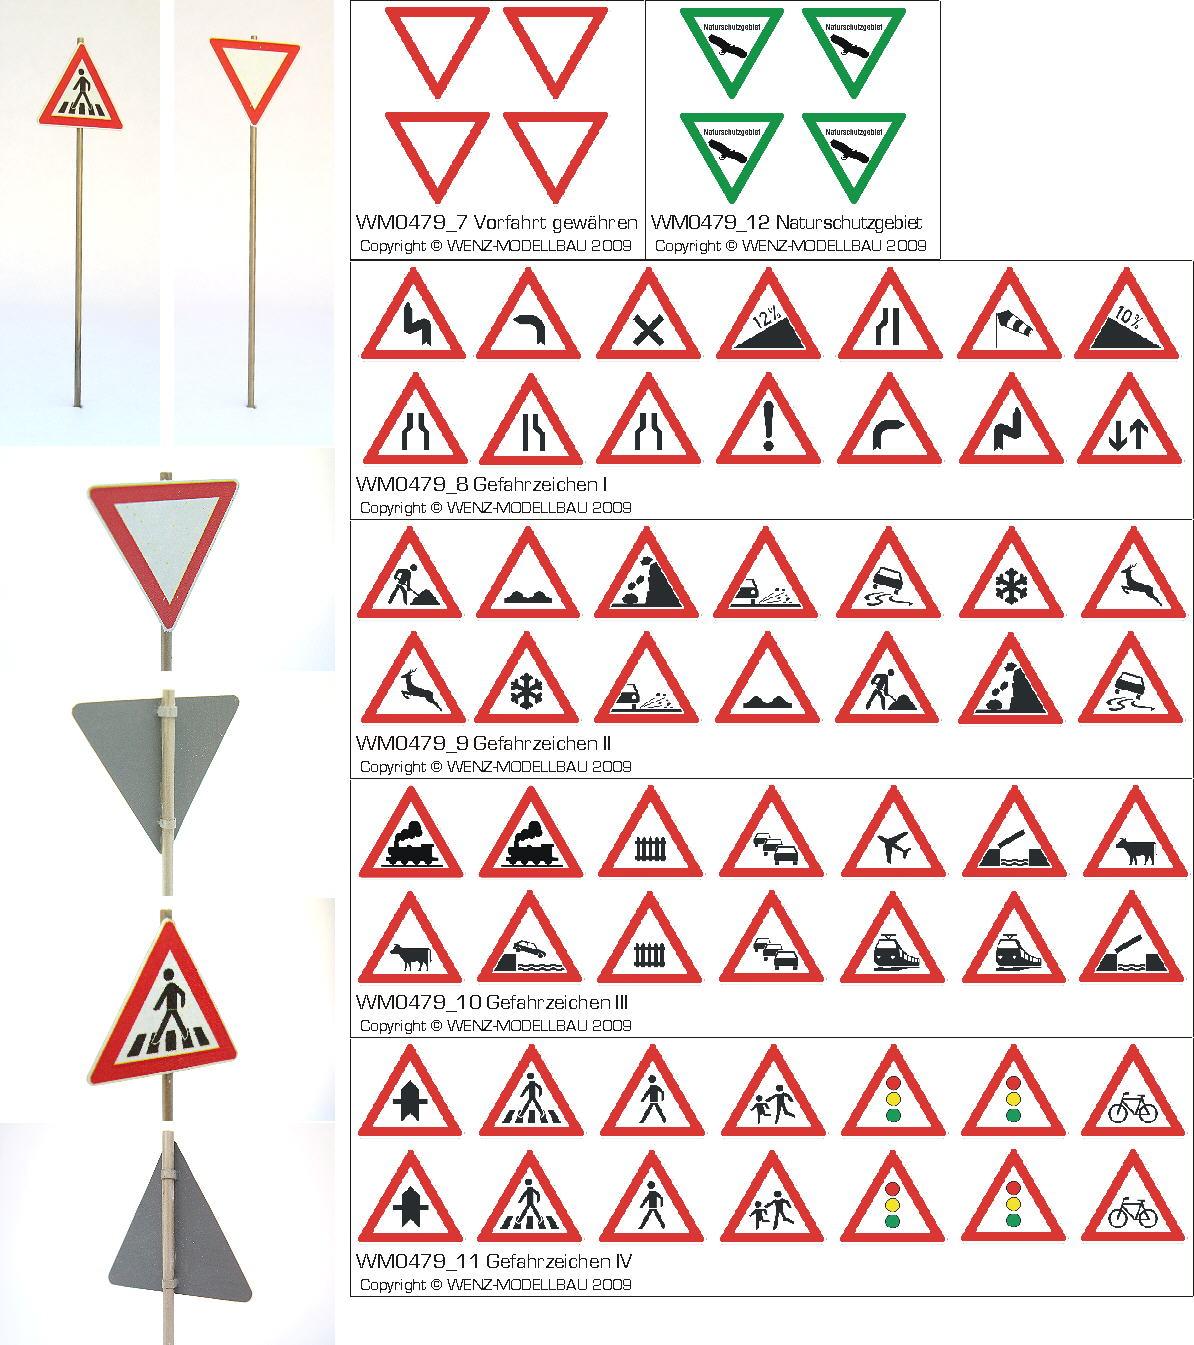 Verkehrszeichen  Kostenlose Bilder auf Pixabay